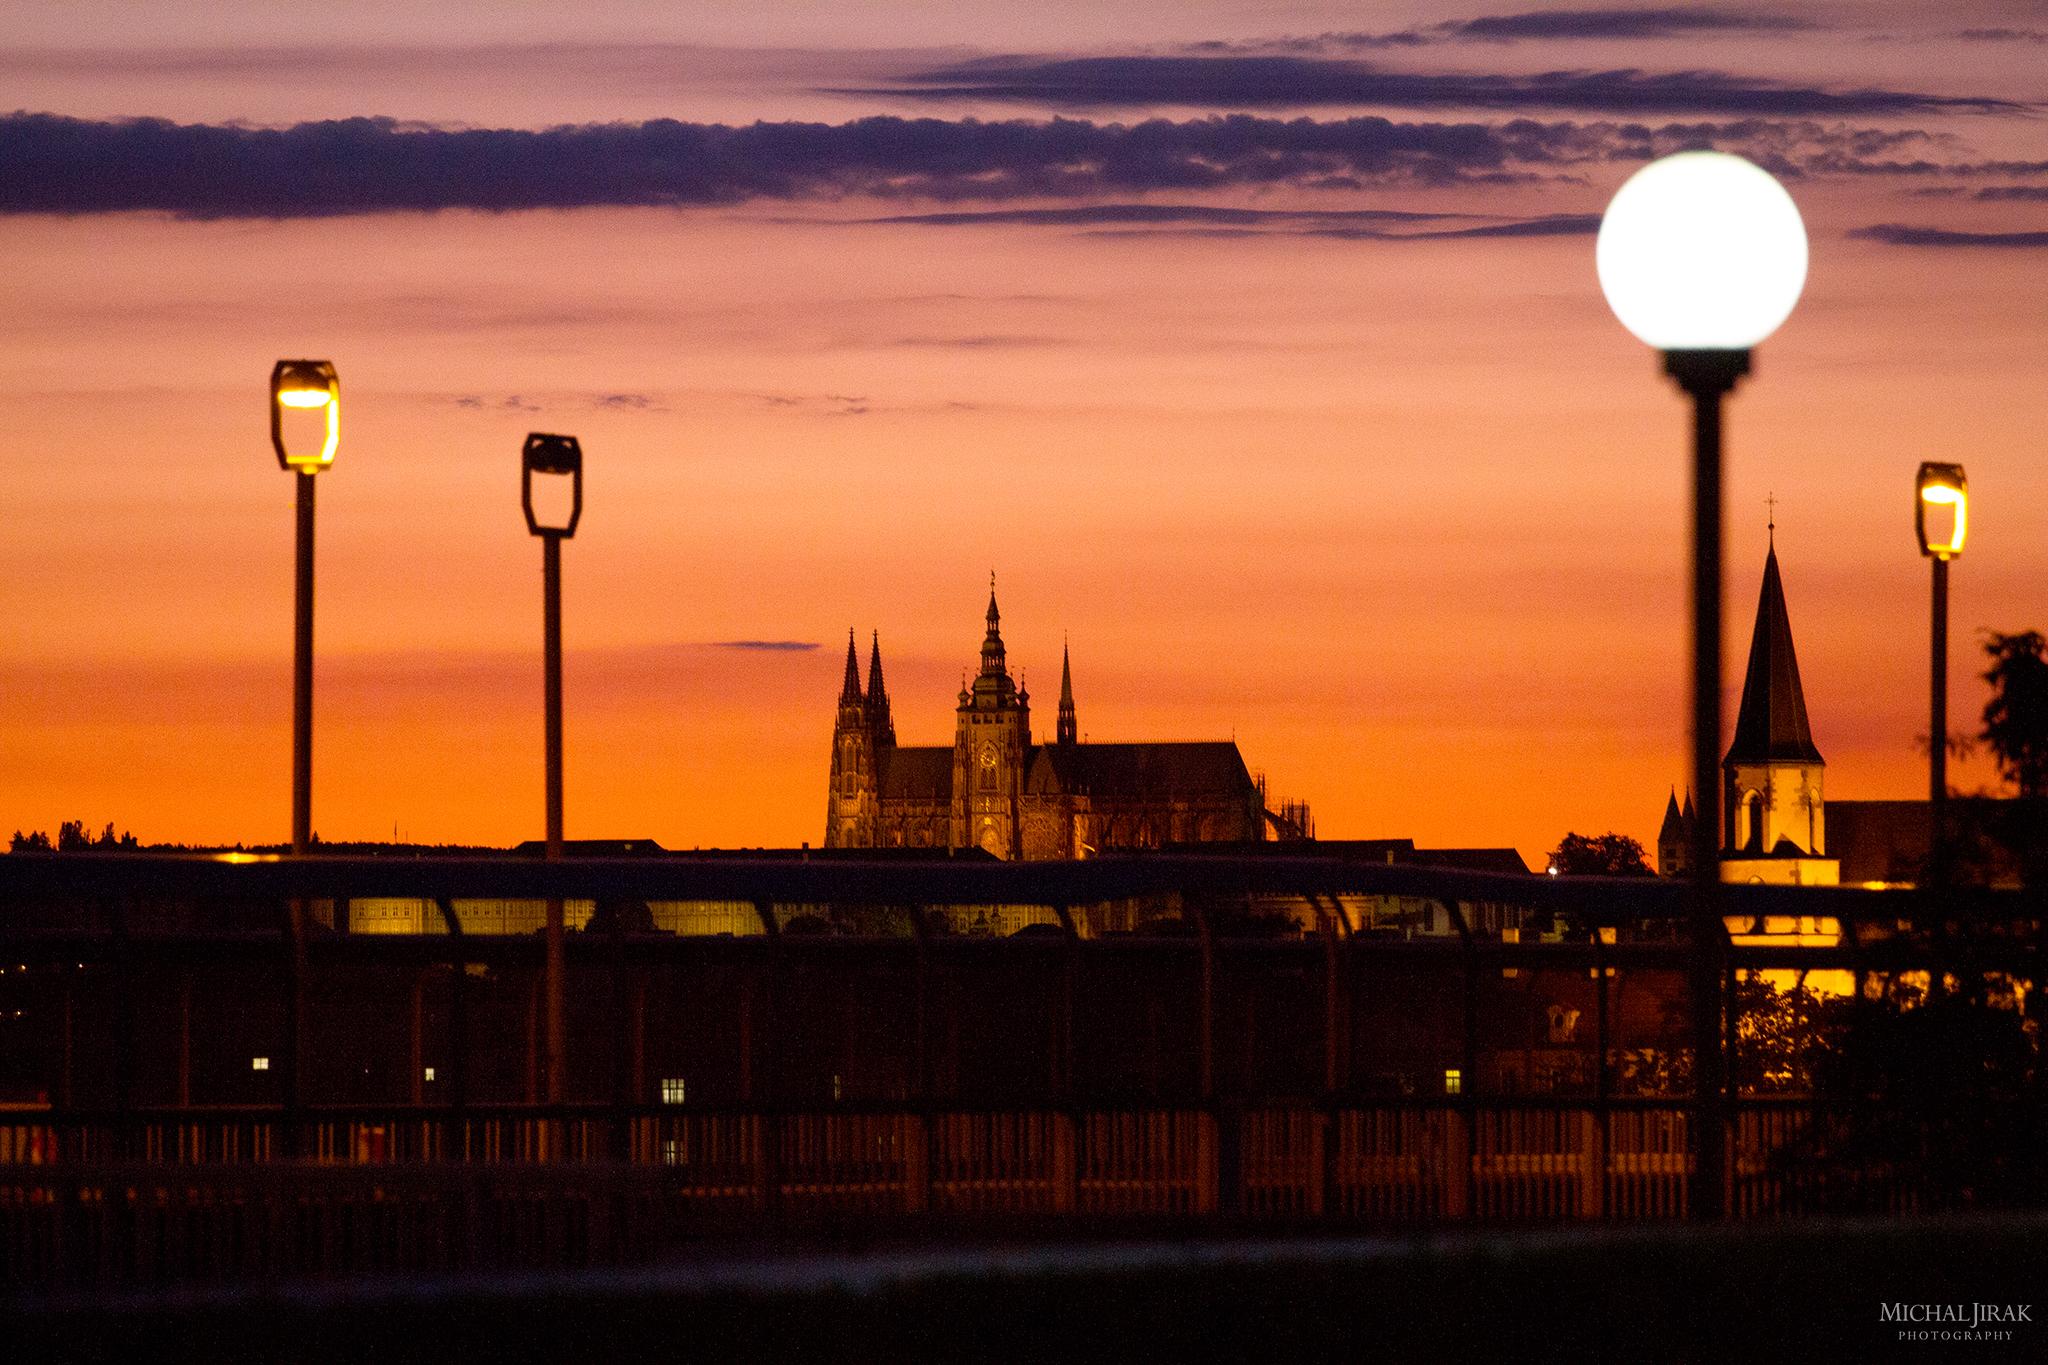 """Michal Jirák: """"Ten den jsem byl za kamarádem na Vyšehradě natáčet. Hned, když zapadlo slunce, se naskytl tenhle krásný pohled na Pražský hrad. Zase jsem neměl stativ, ale naštěstí jsem měl pevnou ruku a dlouhý objektiv."""""""